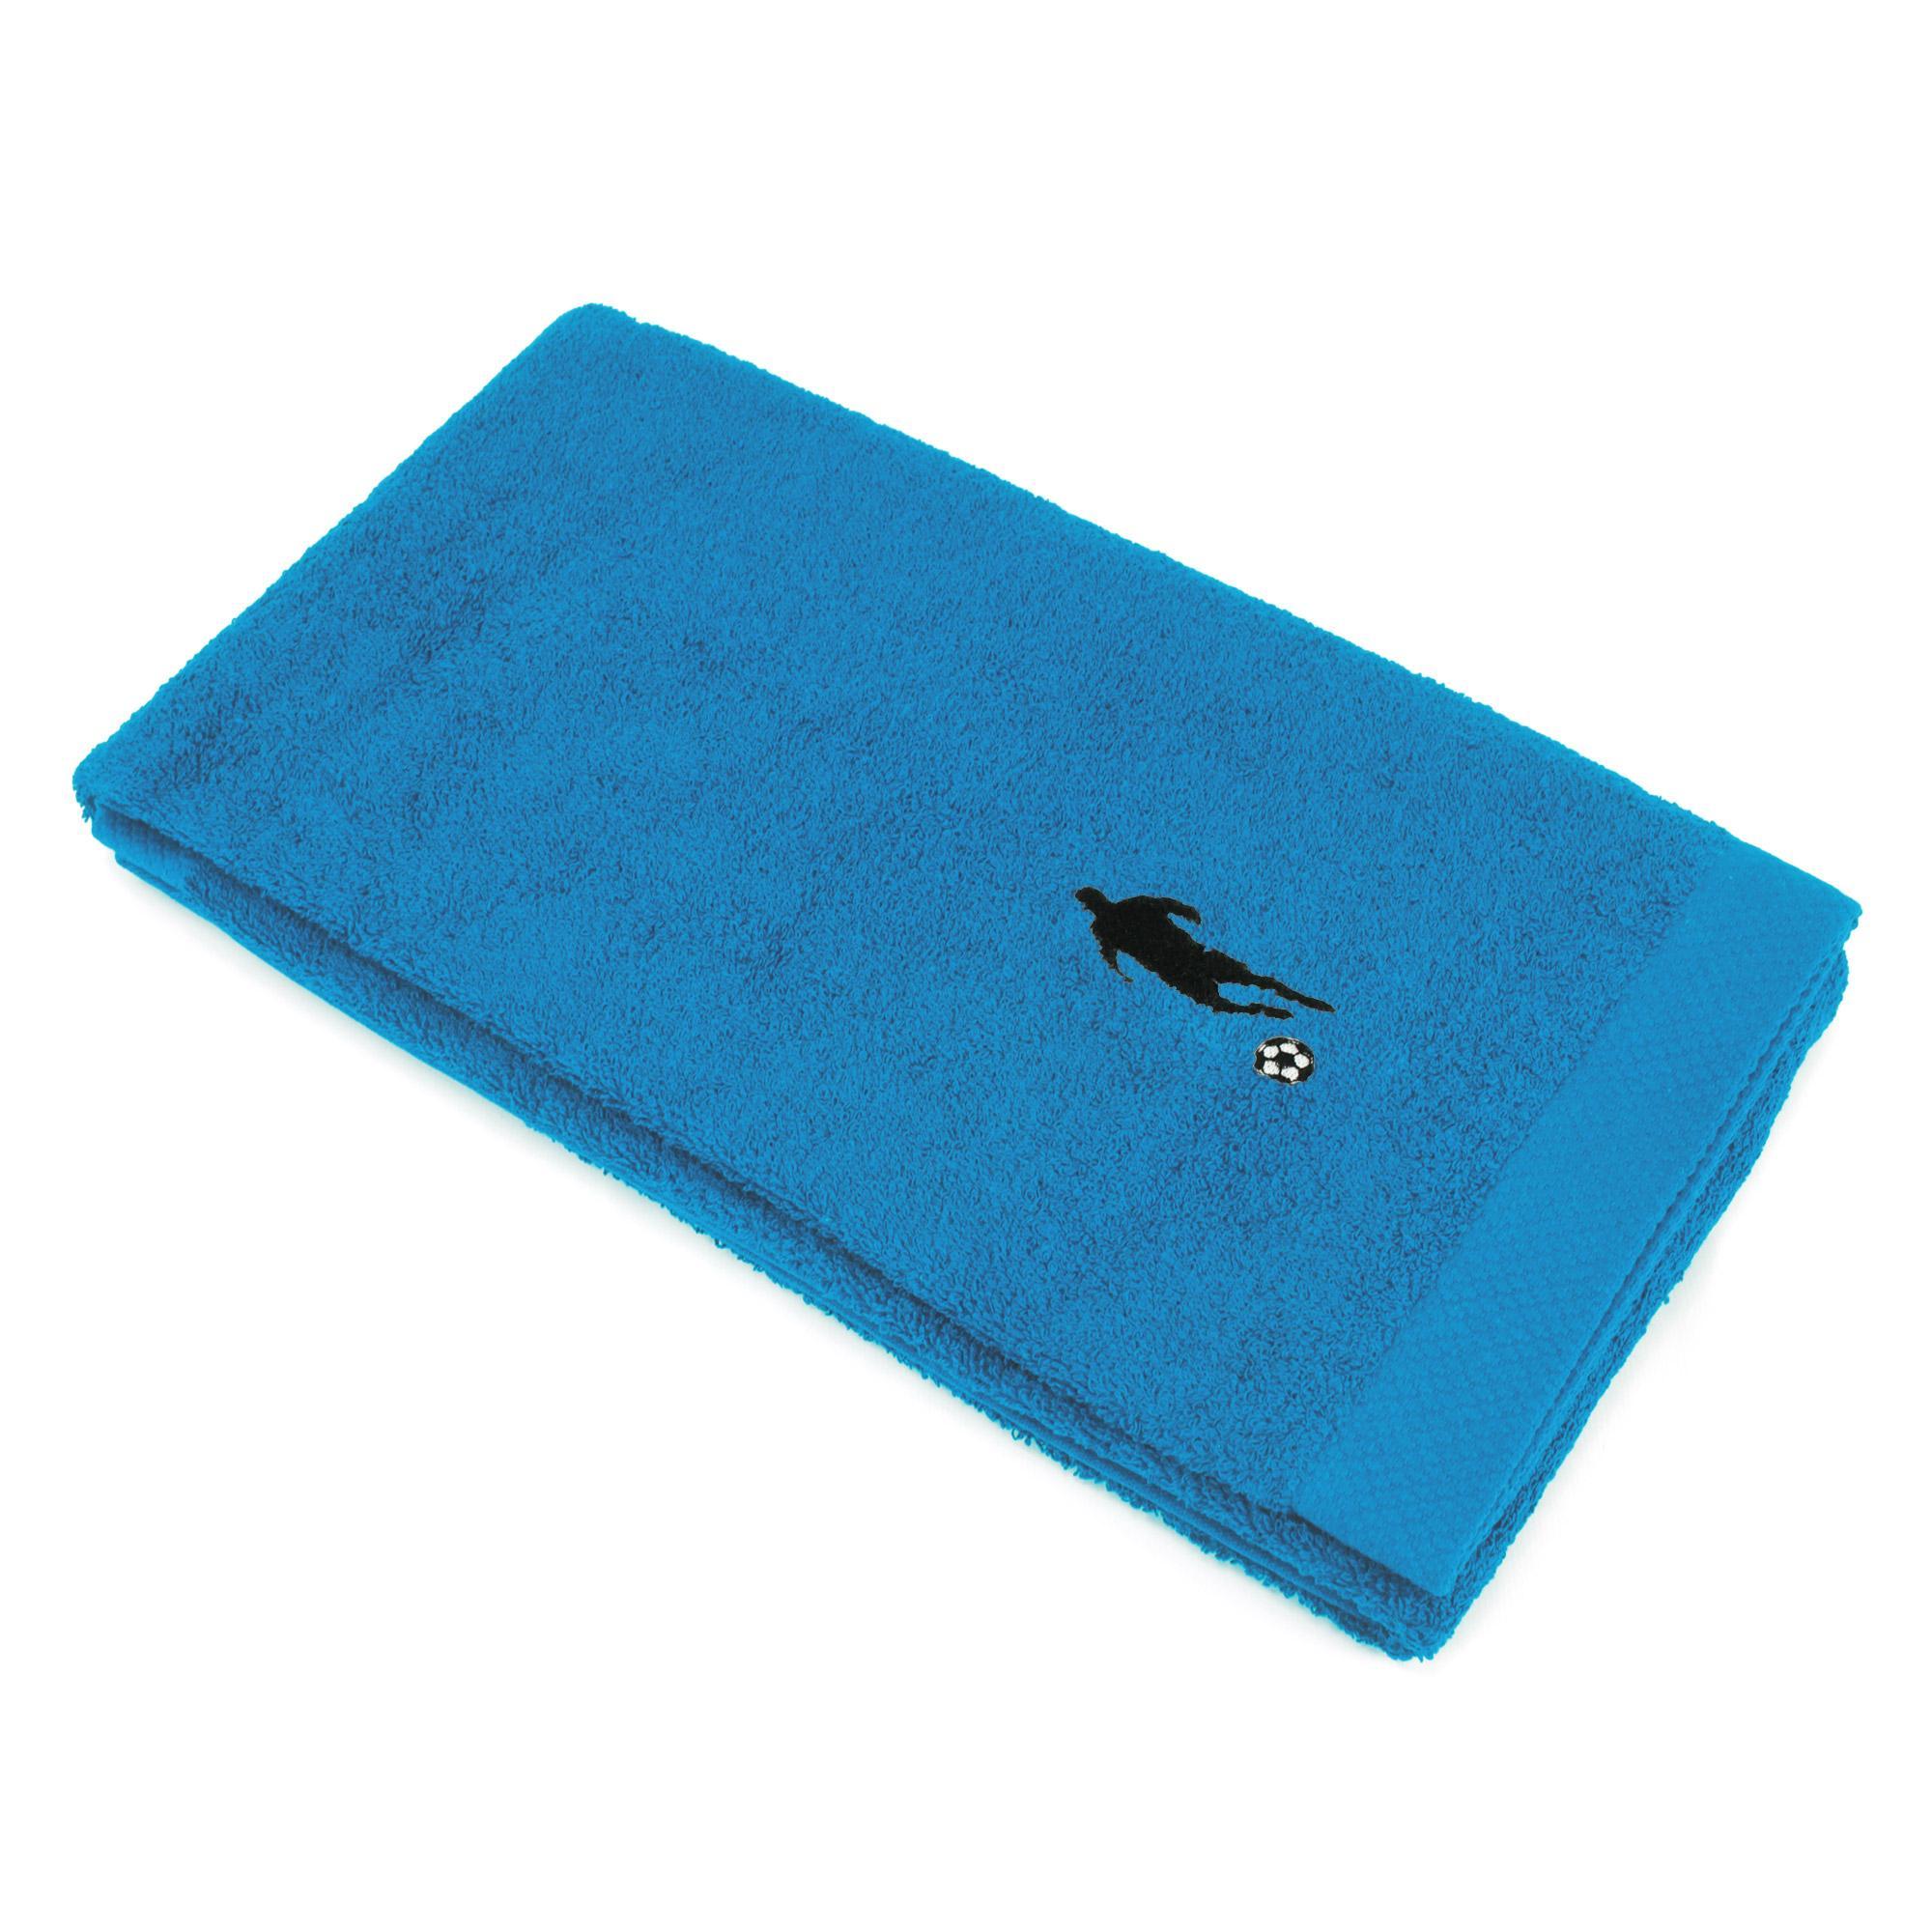 drap de douche 70x140 100 coton 550g m2 pure football bleu turquoise ebay. Black Bedroom Furniture Sets. Home Design Ideas